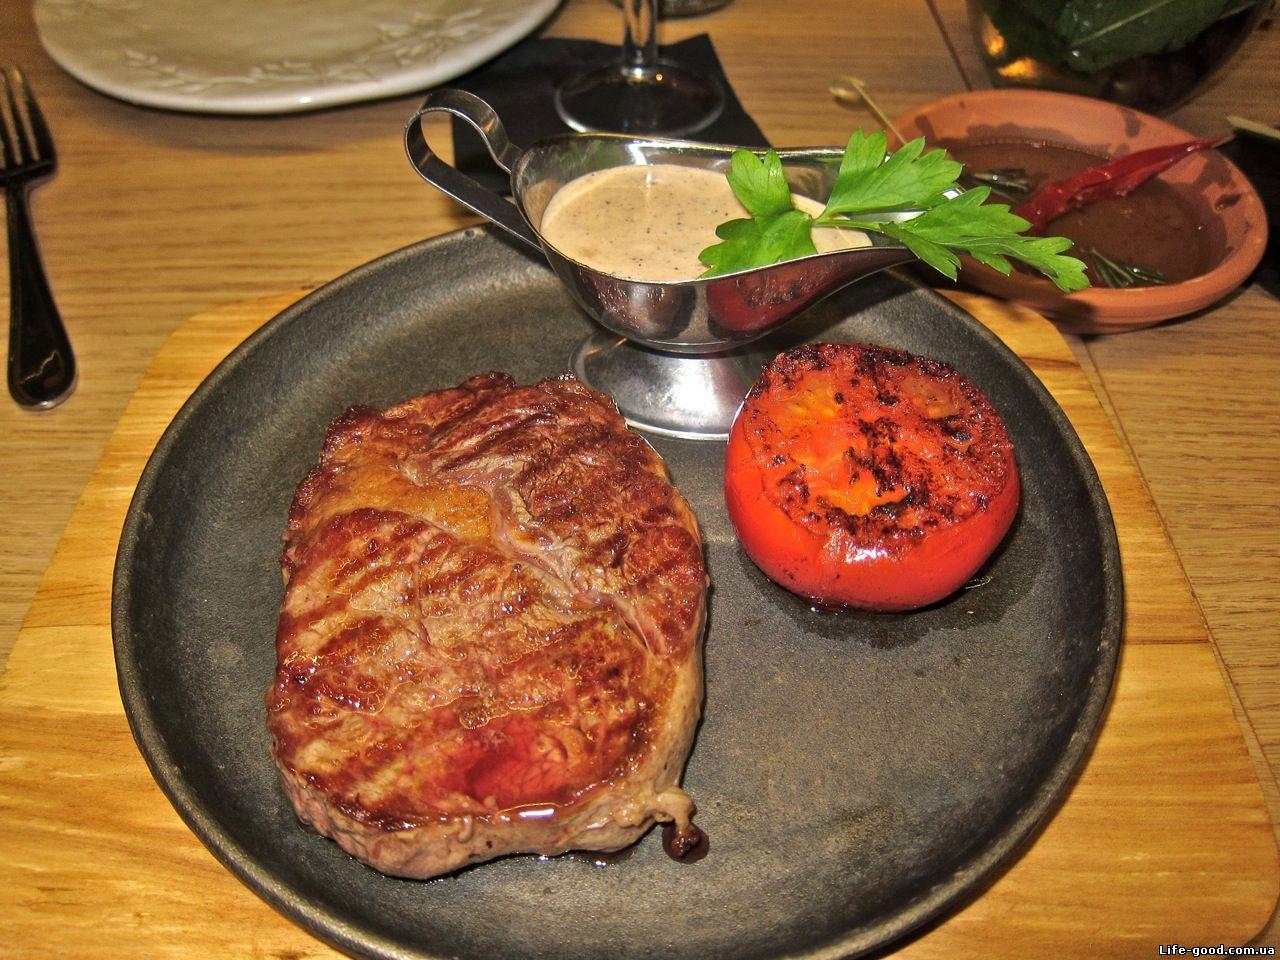 Запеченная картошка с грибами мясом и сыром в духовке рецепт с фото